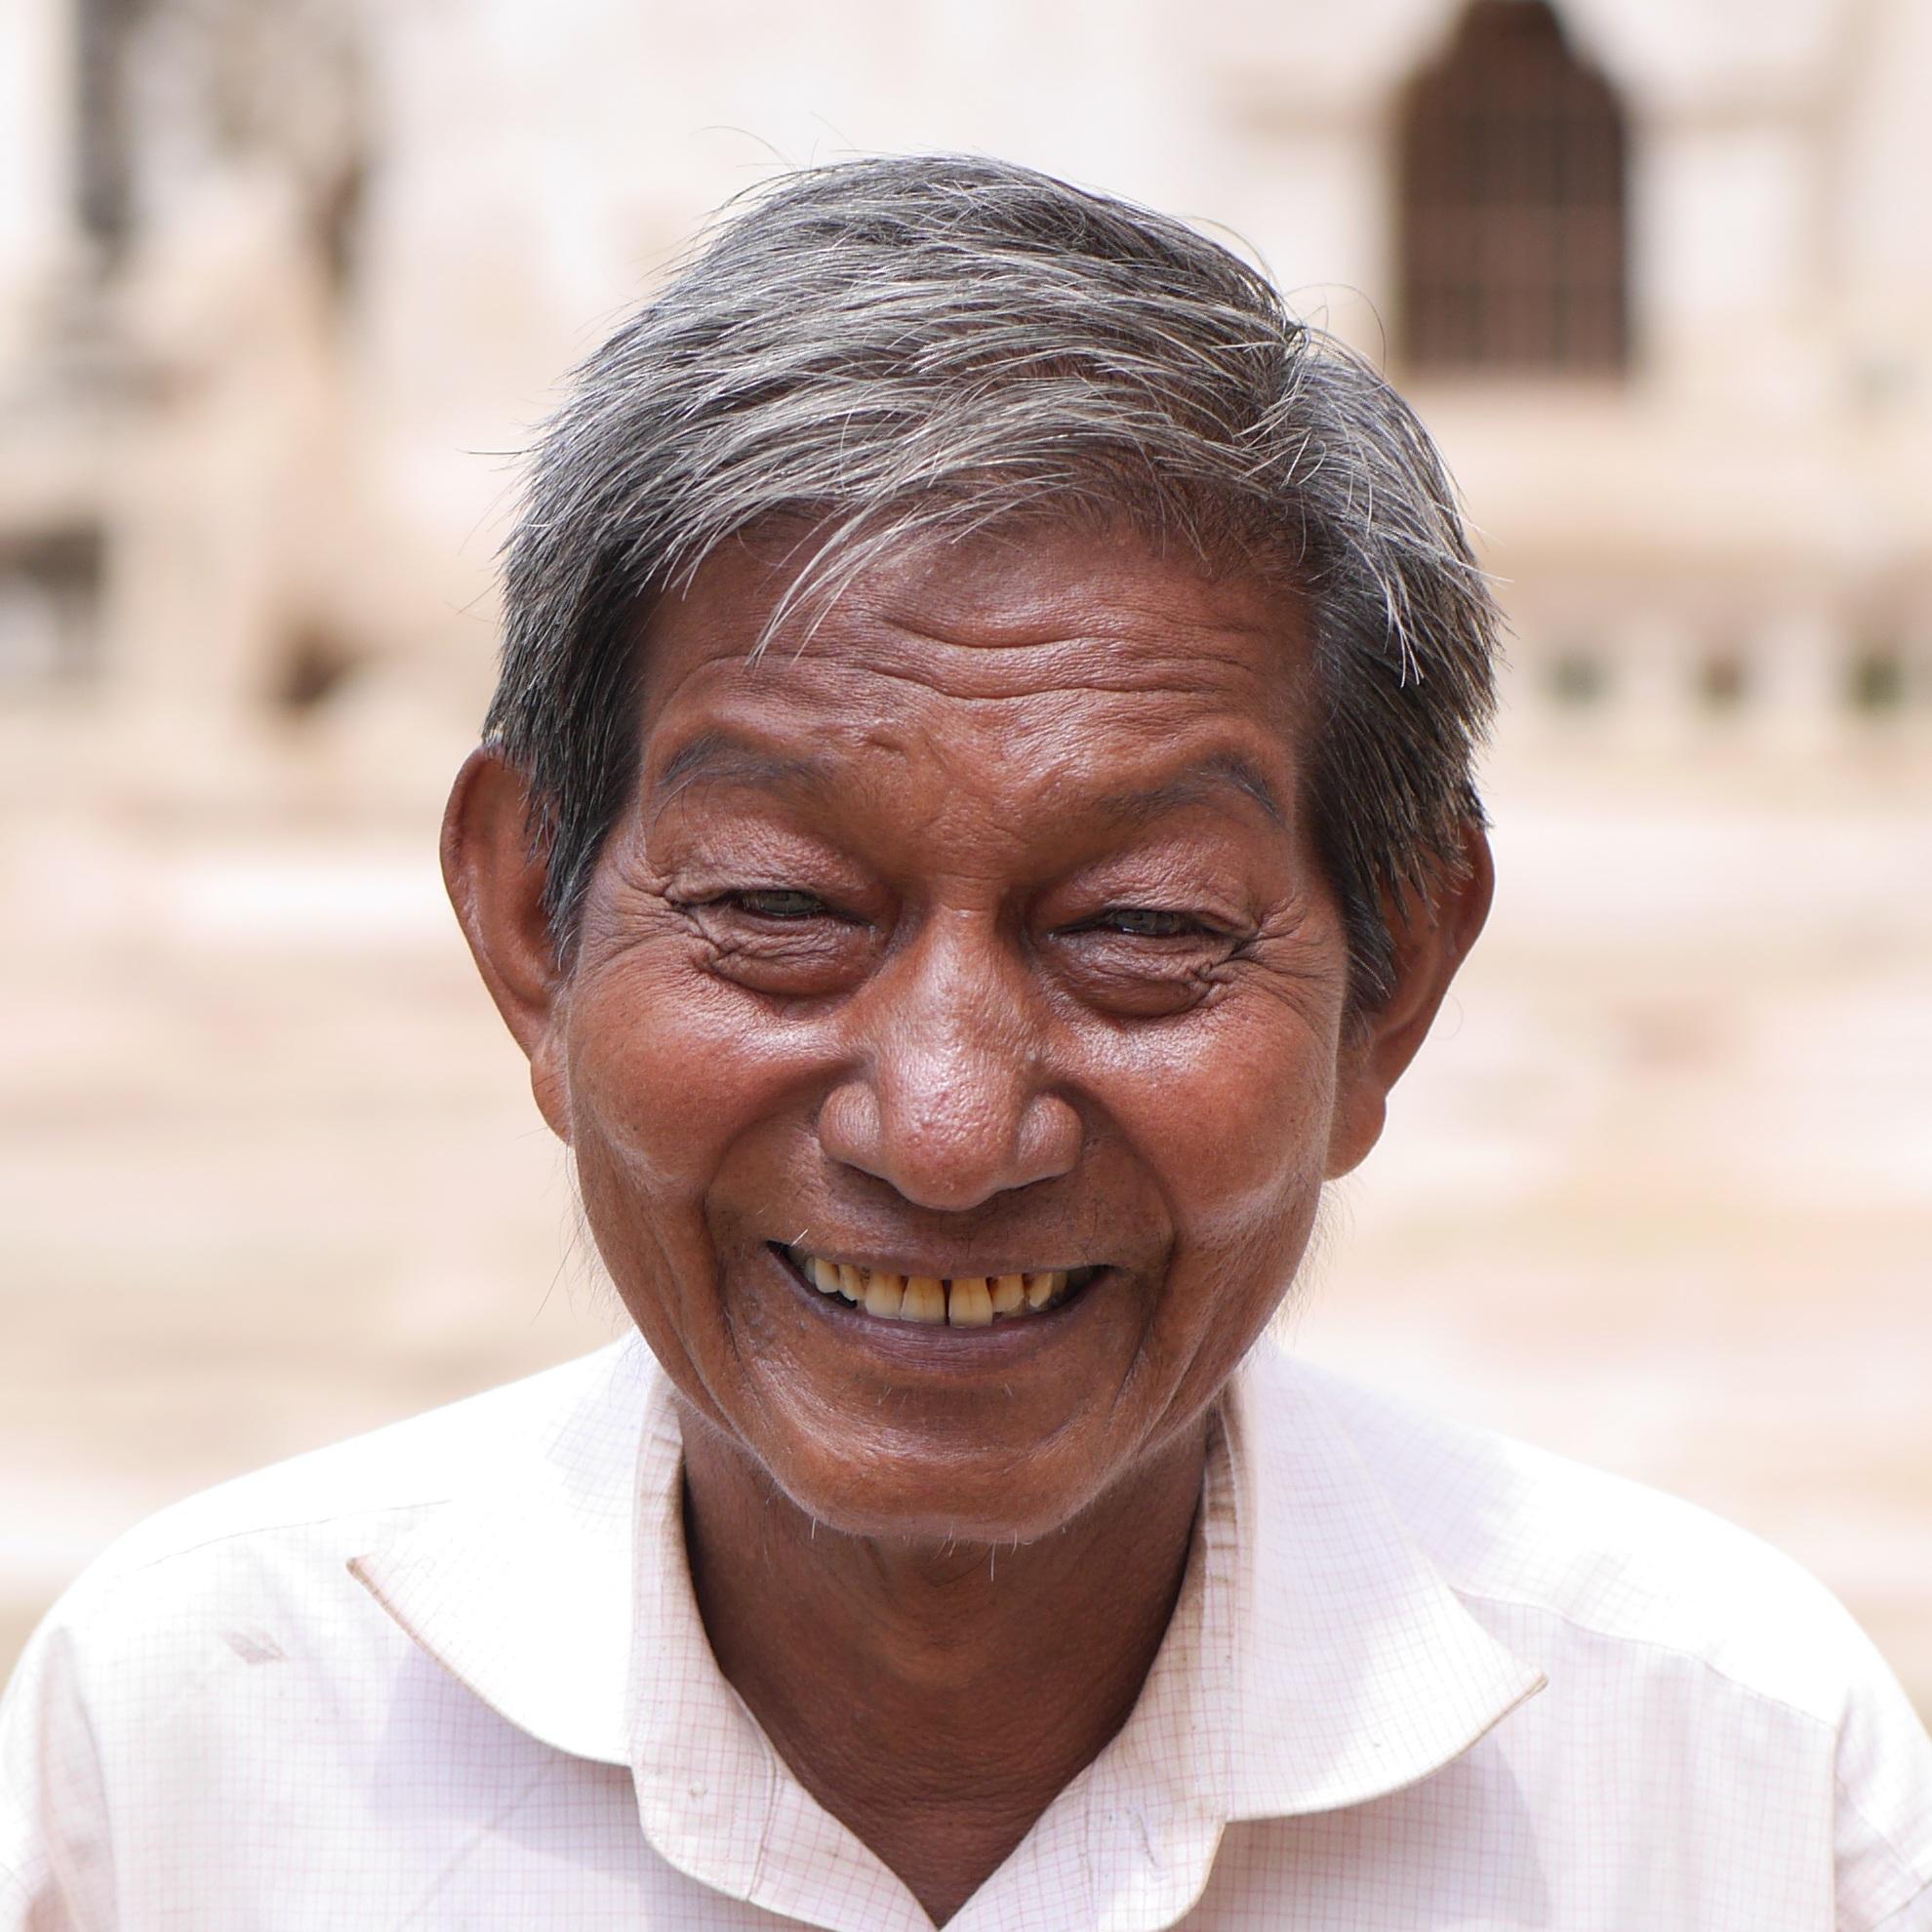 картинки радостные лица бедных людей дышащая